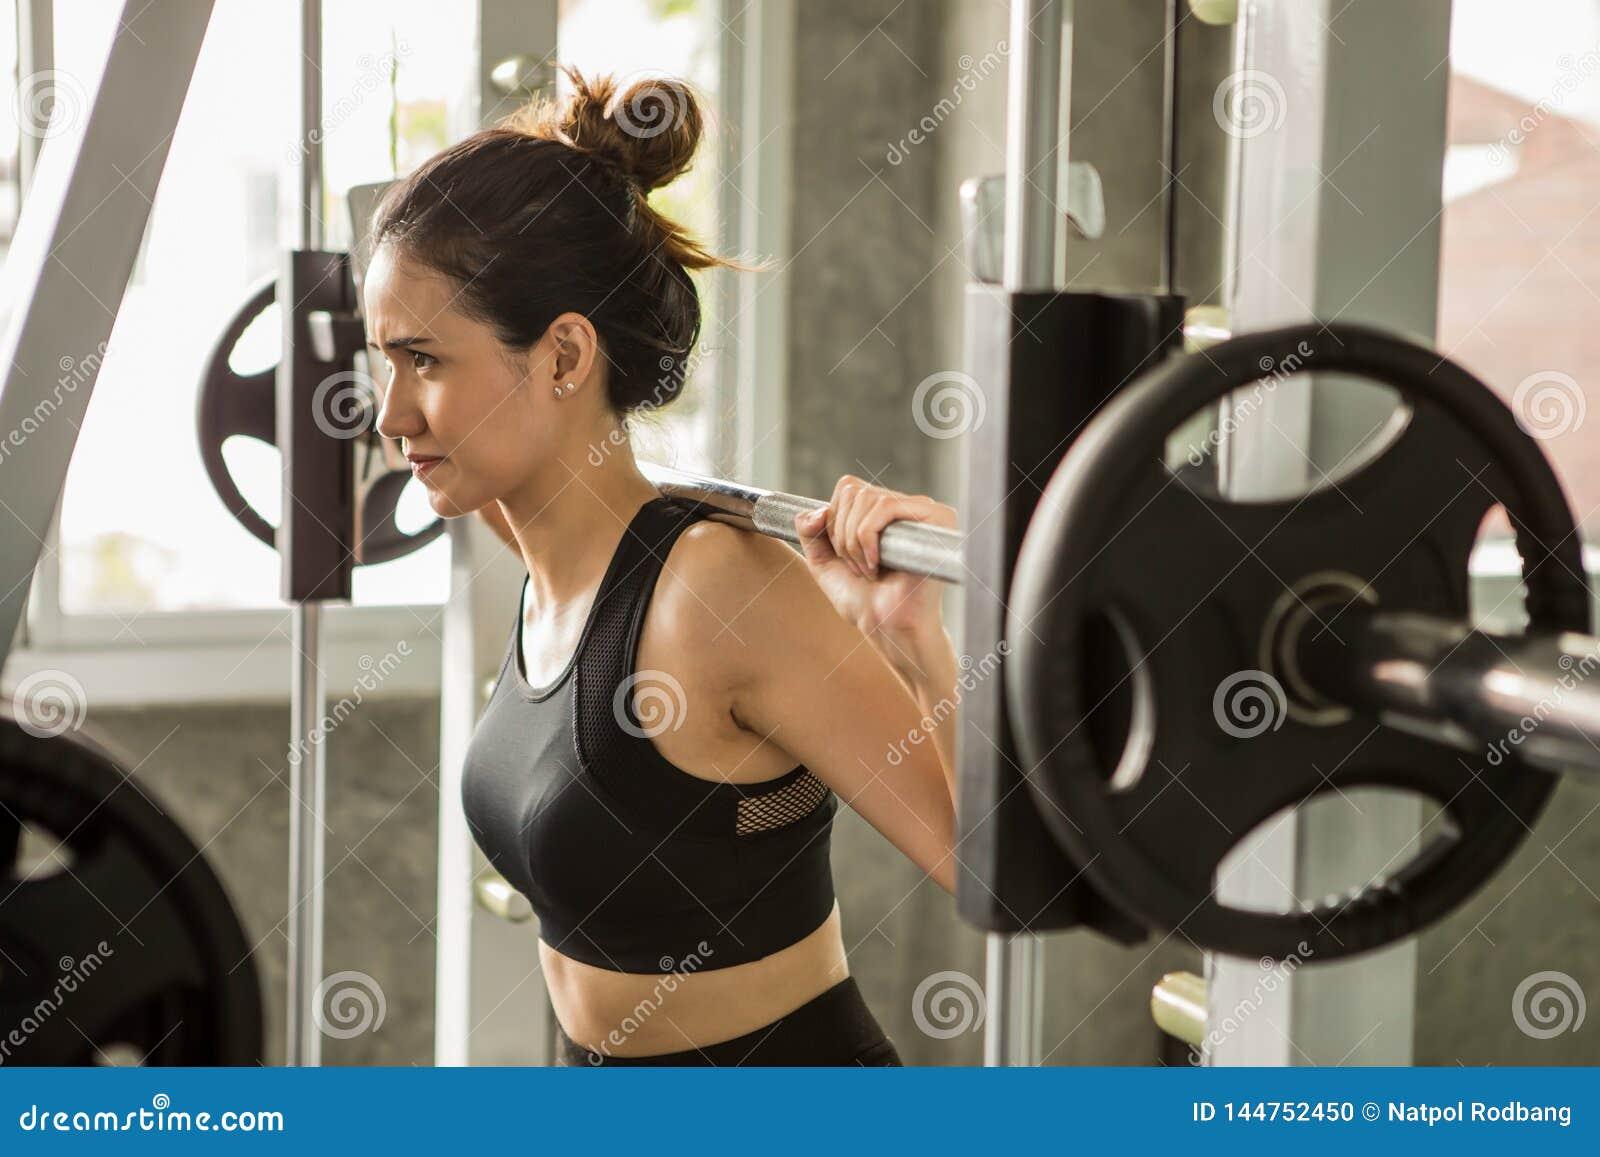 молодая азиатская женщина фитнеса в sportswear работая строя мышцы поднимая вес со штангой в спортзале разминка девушки спорта зд